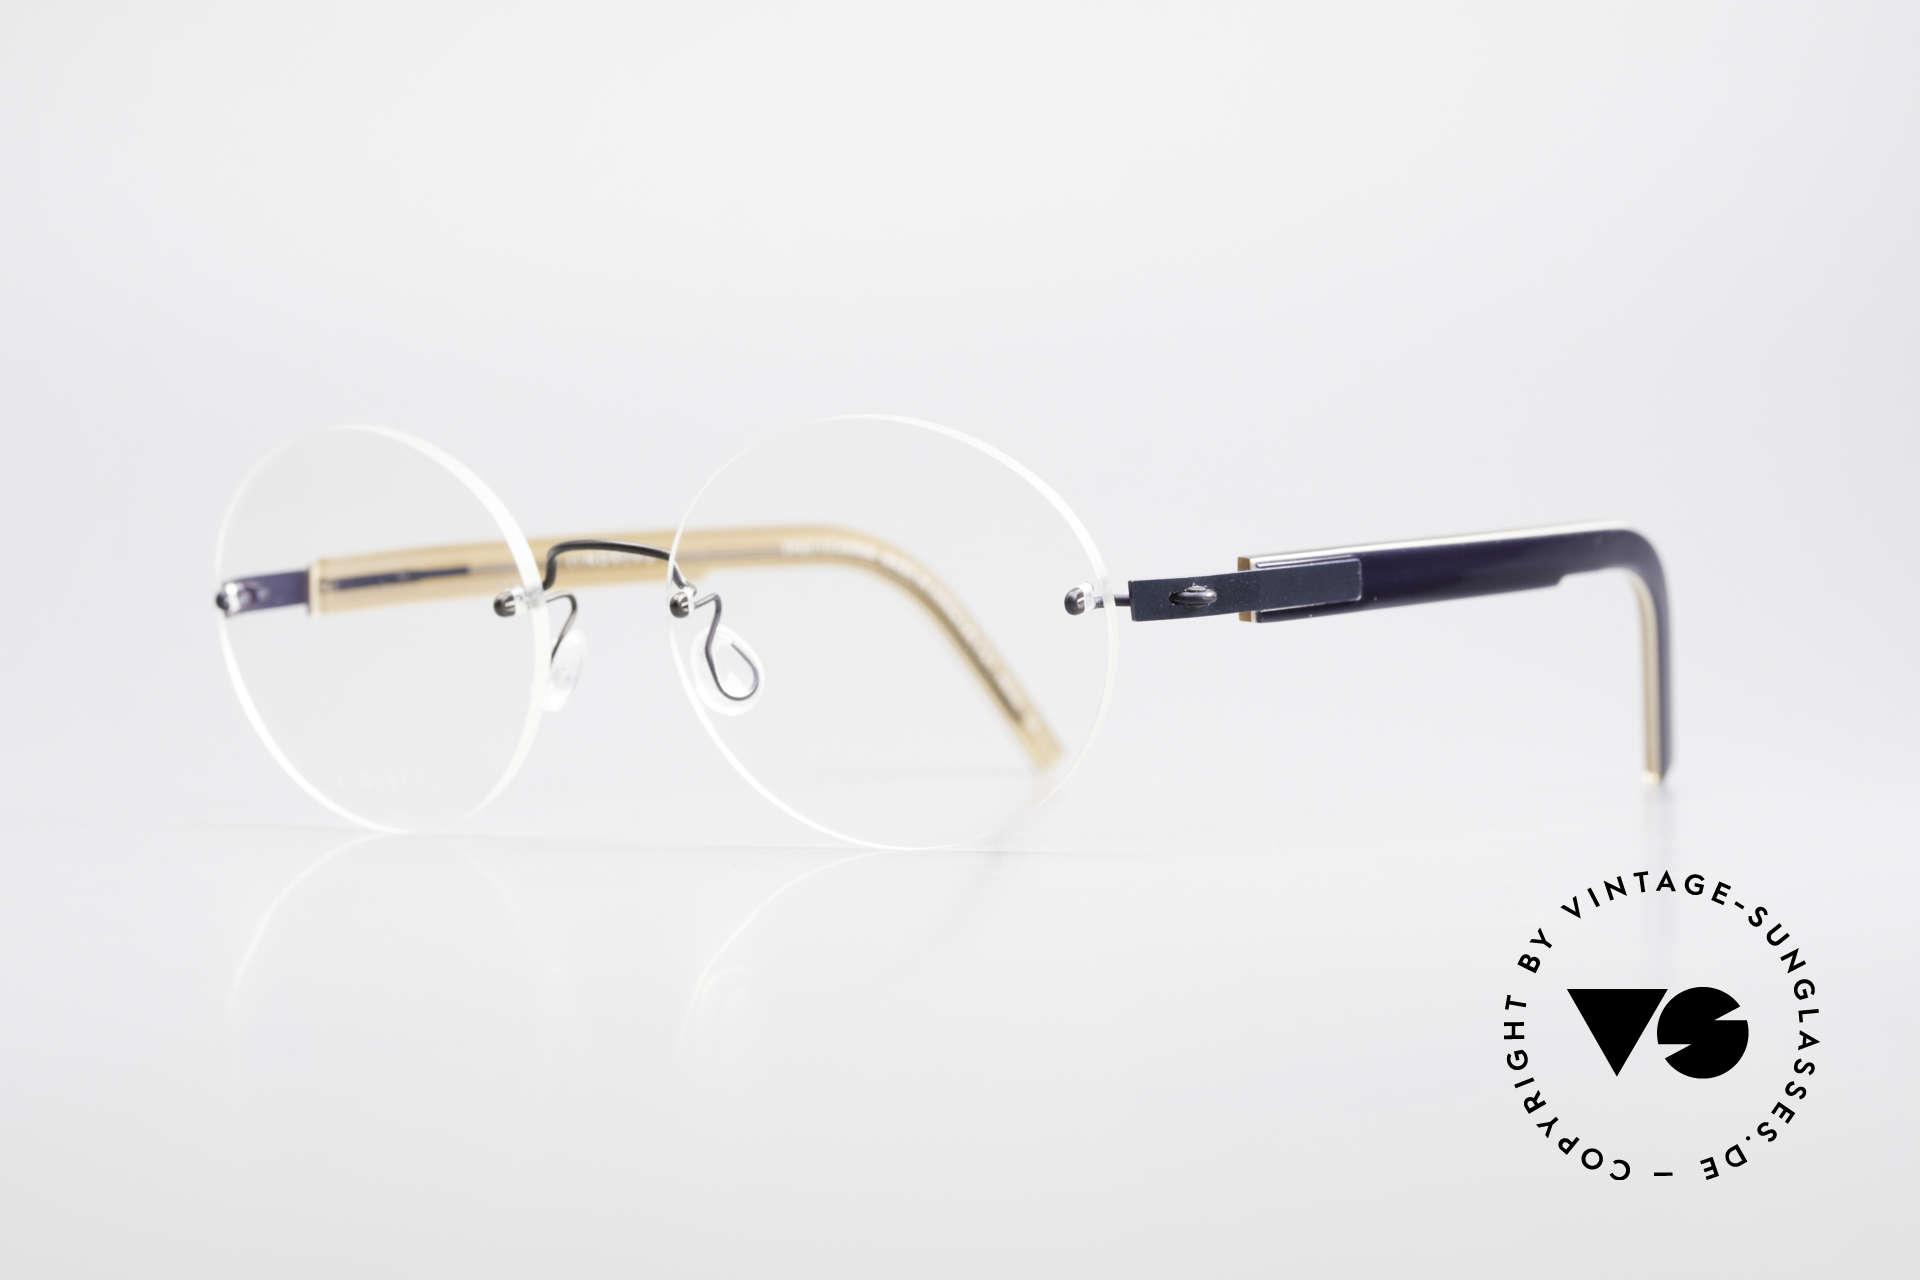 """Lindberg 2111 Spirit Titan Randlose Titanium Brille Rund, so zeitlos, stilvoll und innovativ = Prädikat """"VINTAGE"""", Passend für Herren und Damen"""